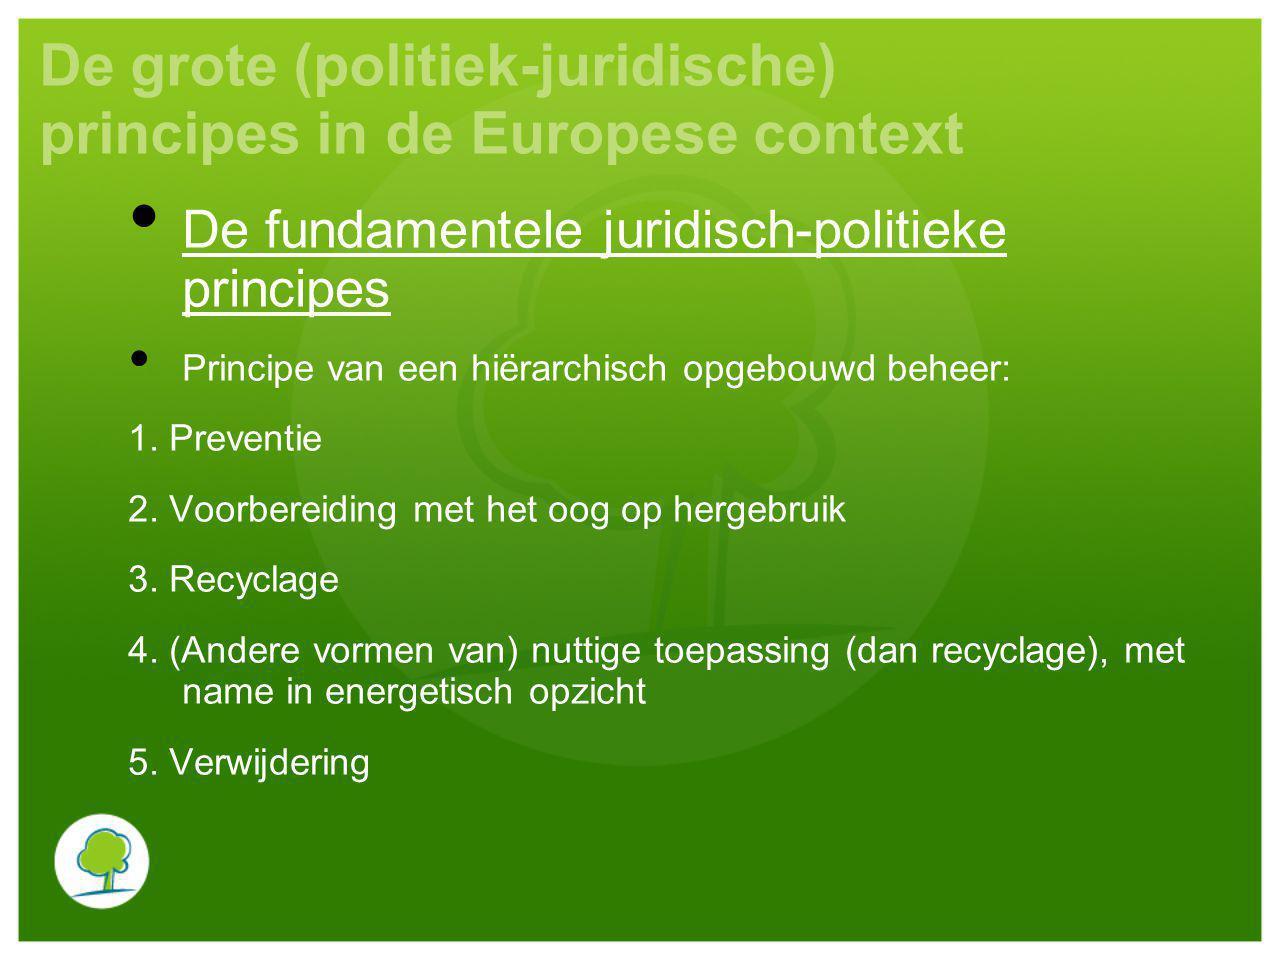 De grote (politiek-juridische) principes in de Europese context De fundamentele juridisch-politieke principes Principe van een hiërarchisch opgebouwd beheer: 1.